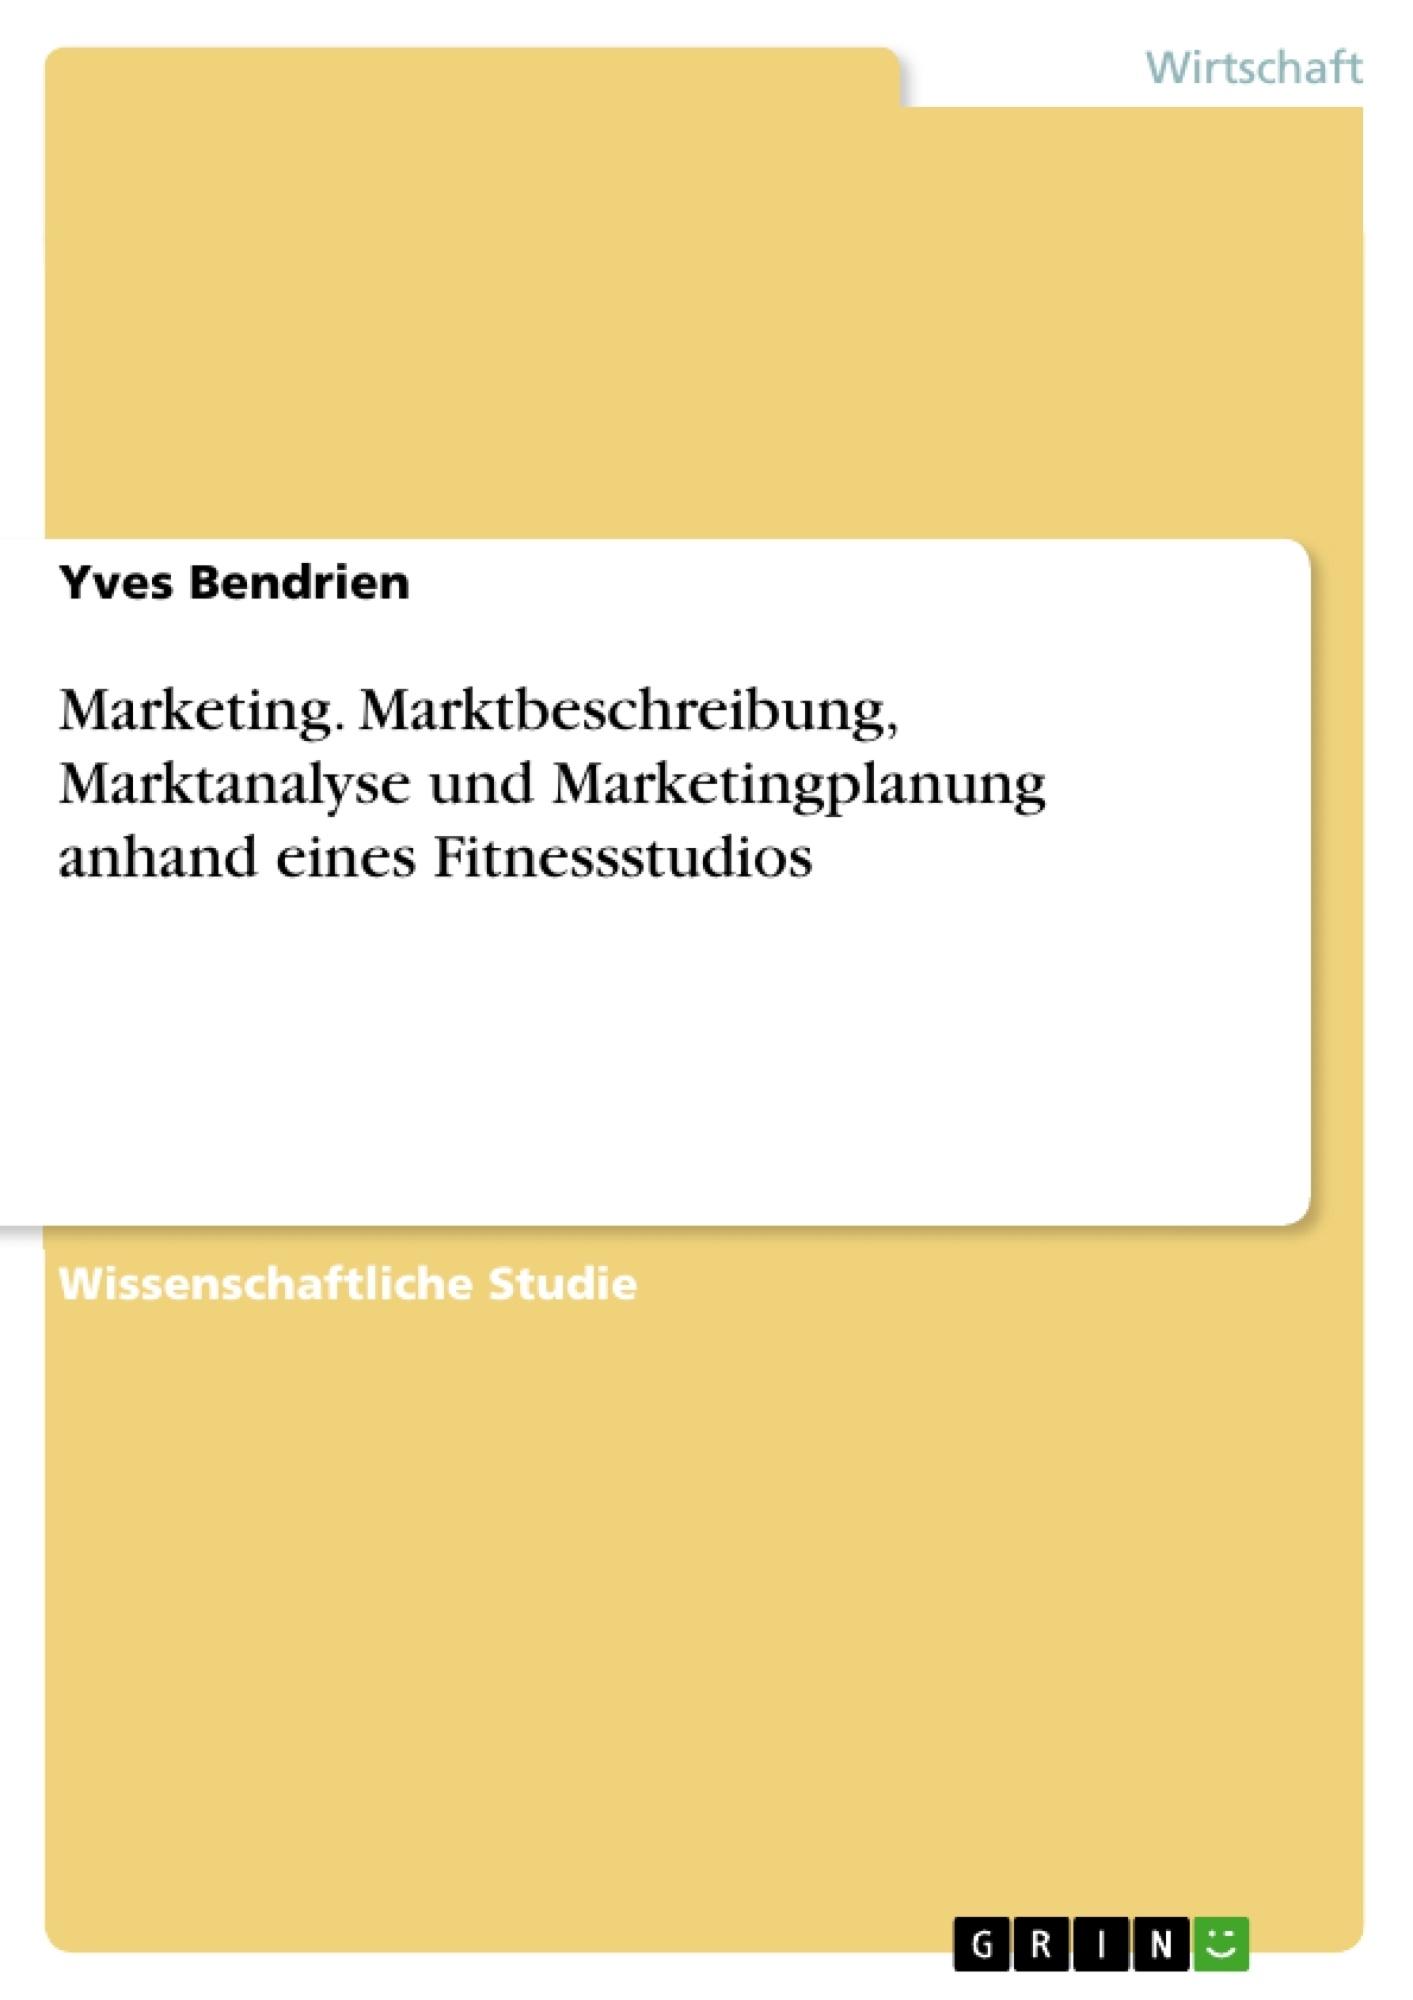 Titel: Marketing. Marktbeschreibung, Marktanalyse und Marketingplanung anhand eines Fitnessstudios